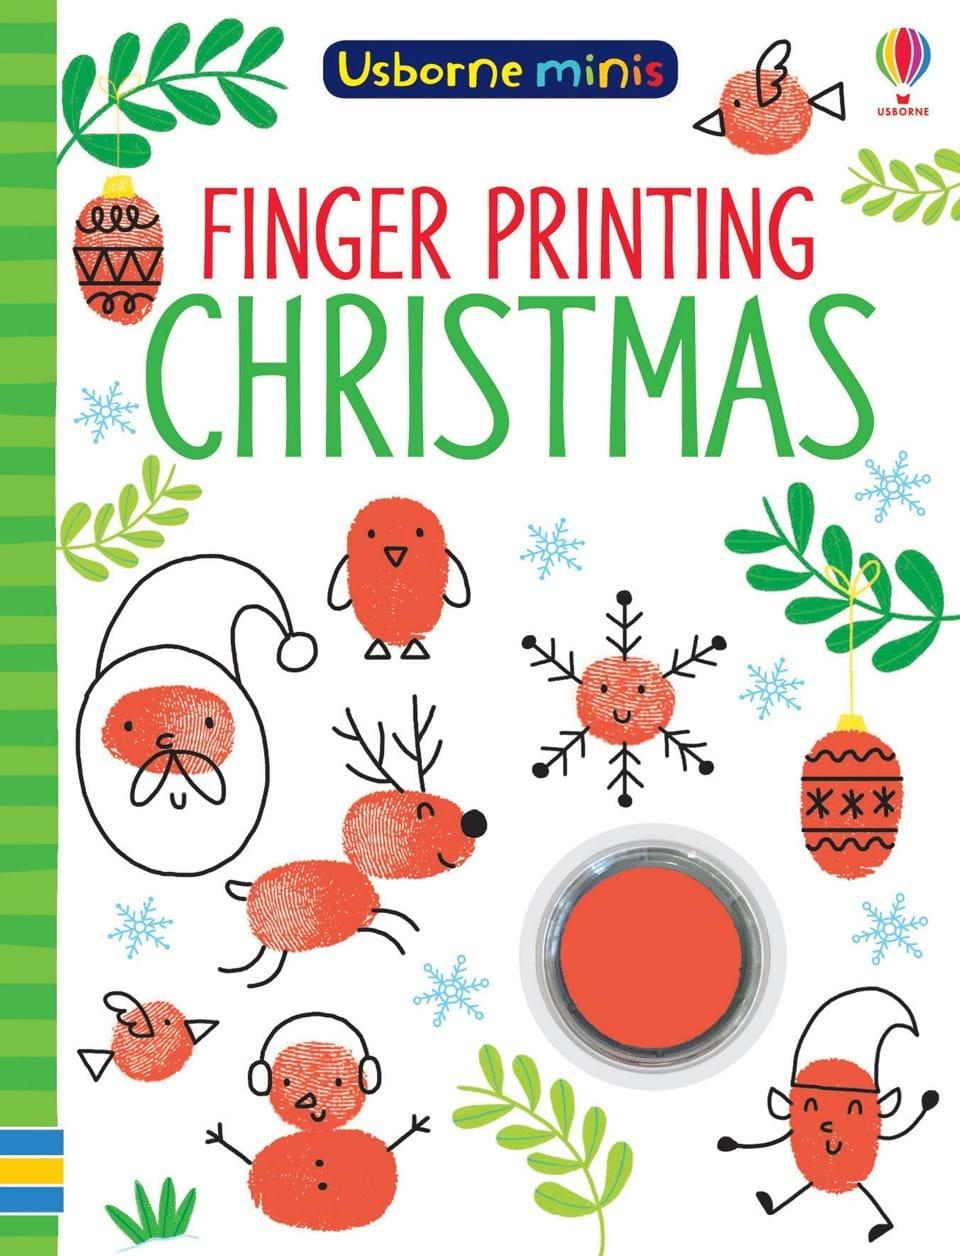 Usborne-minis-finger-printing-christmas